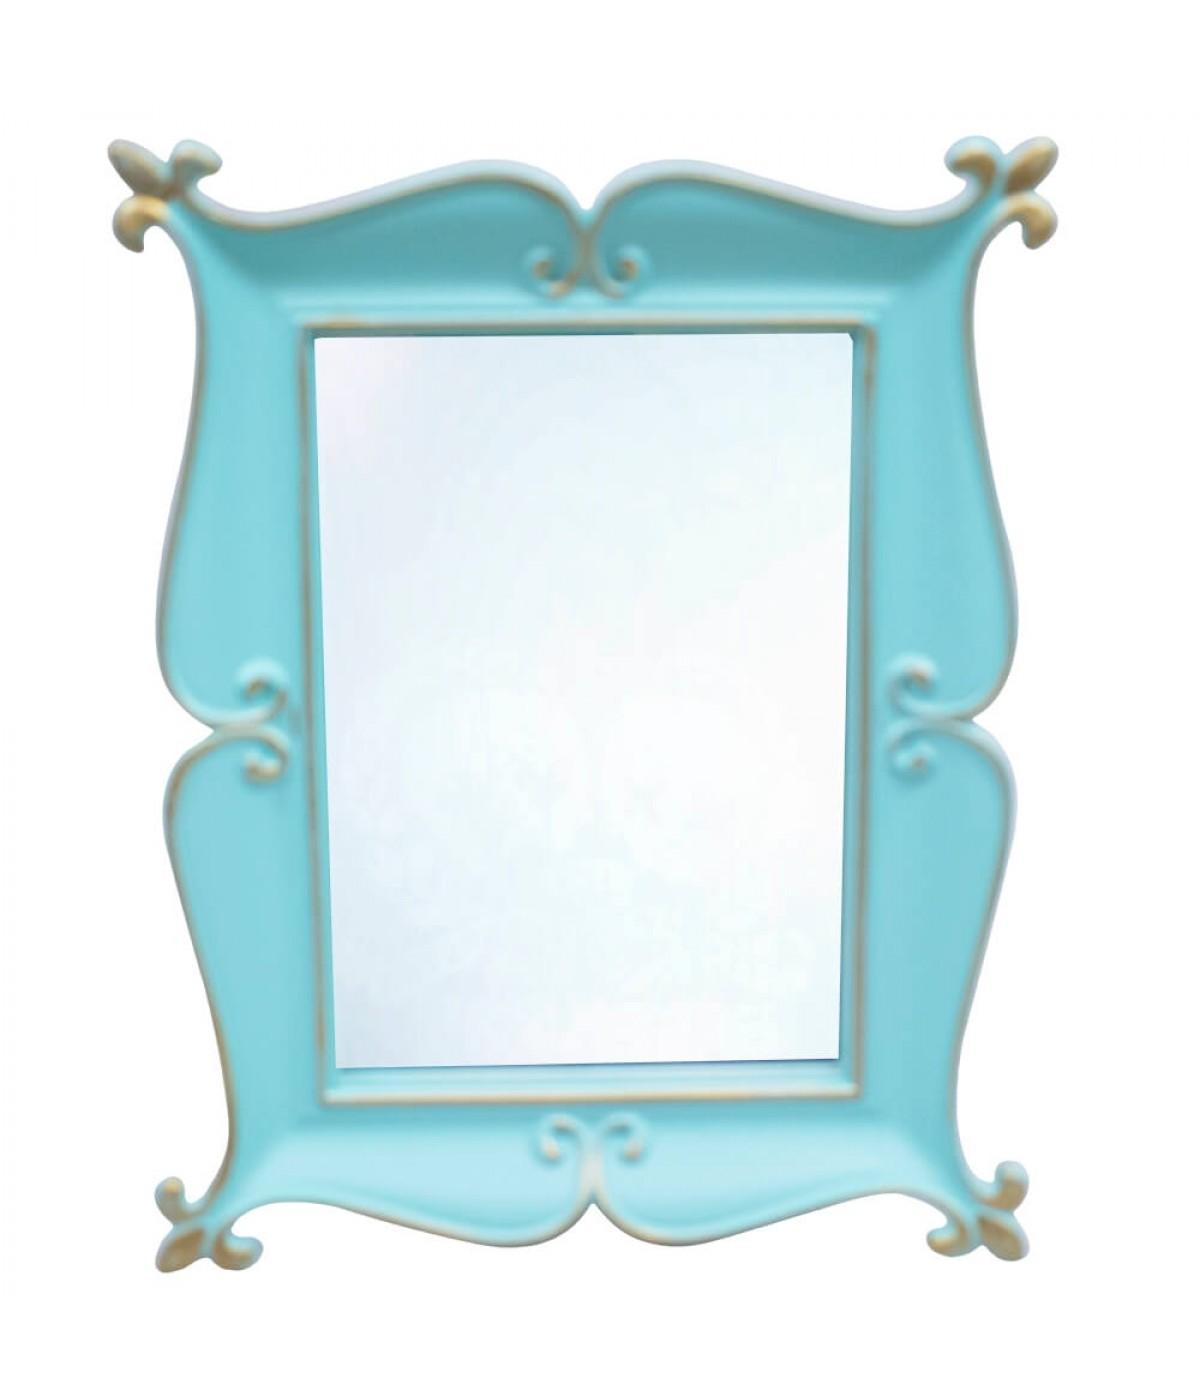 Espelho Moldurado Verde Turquesa 25x20cm